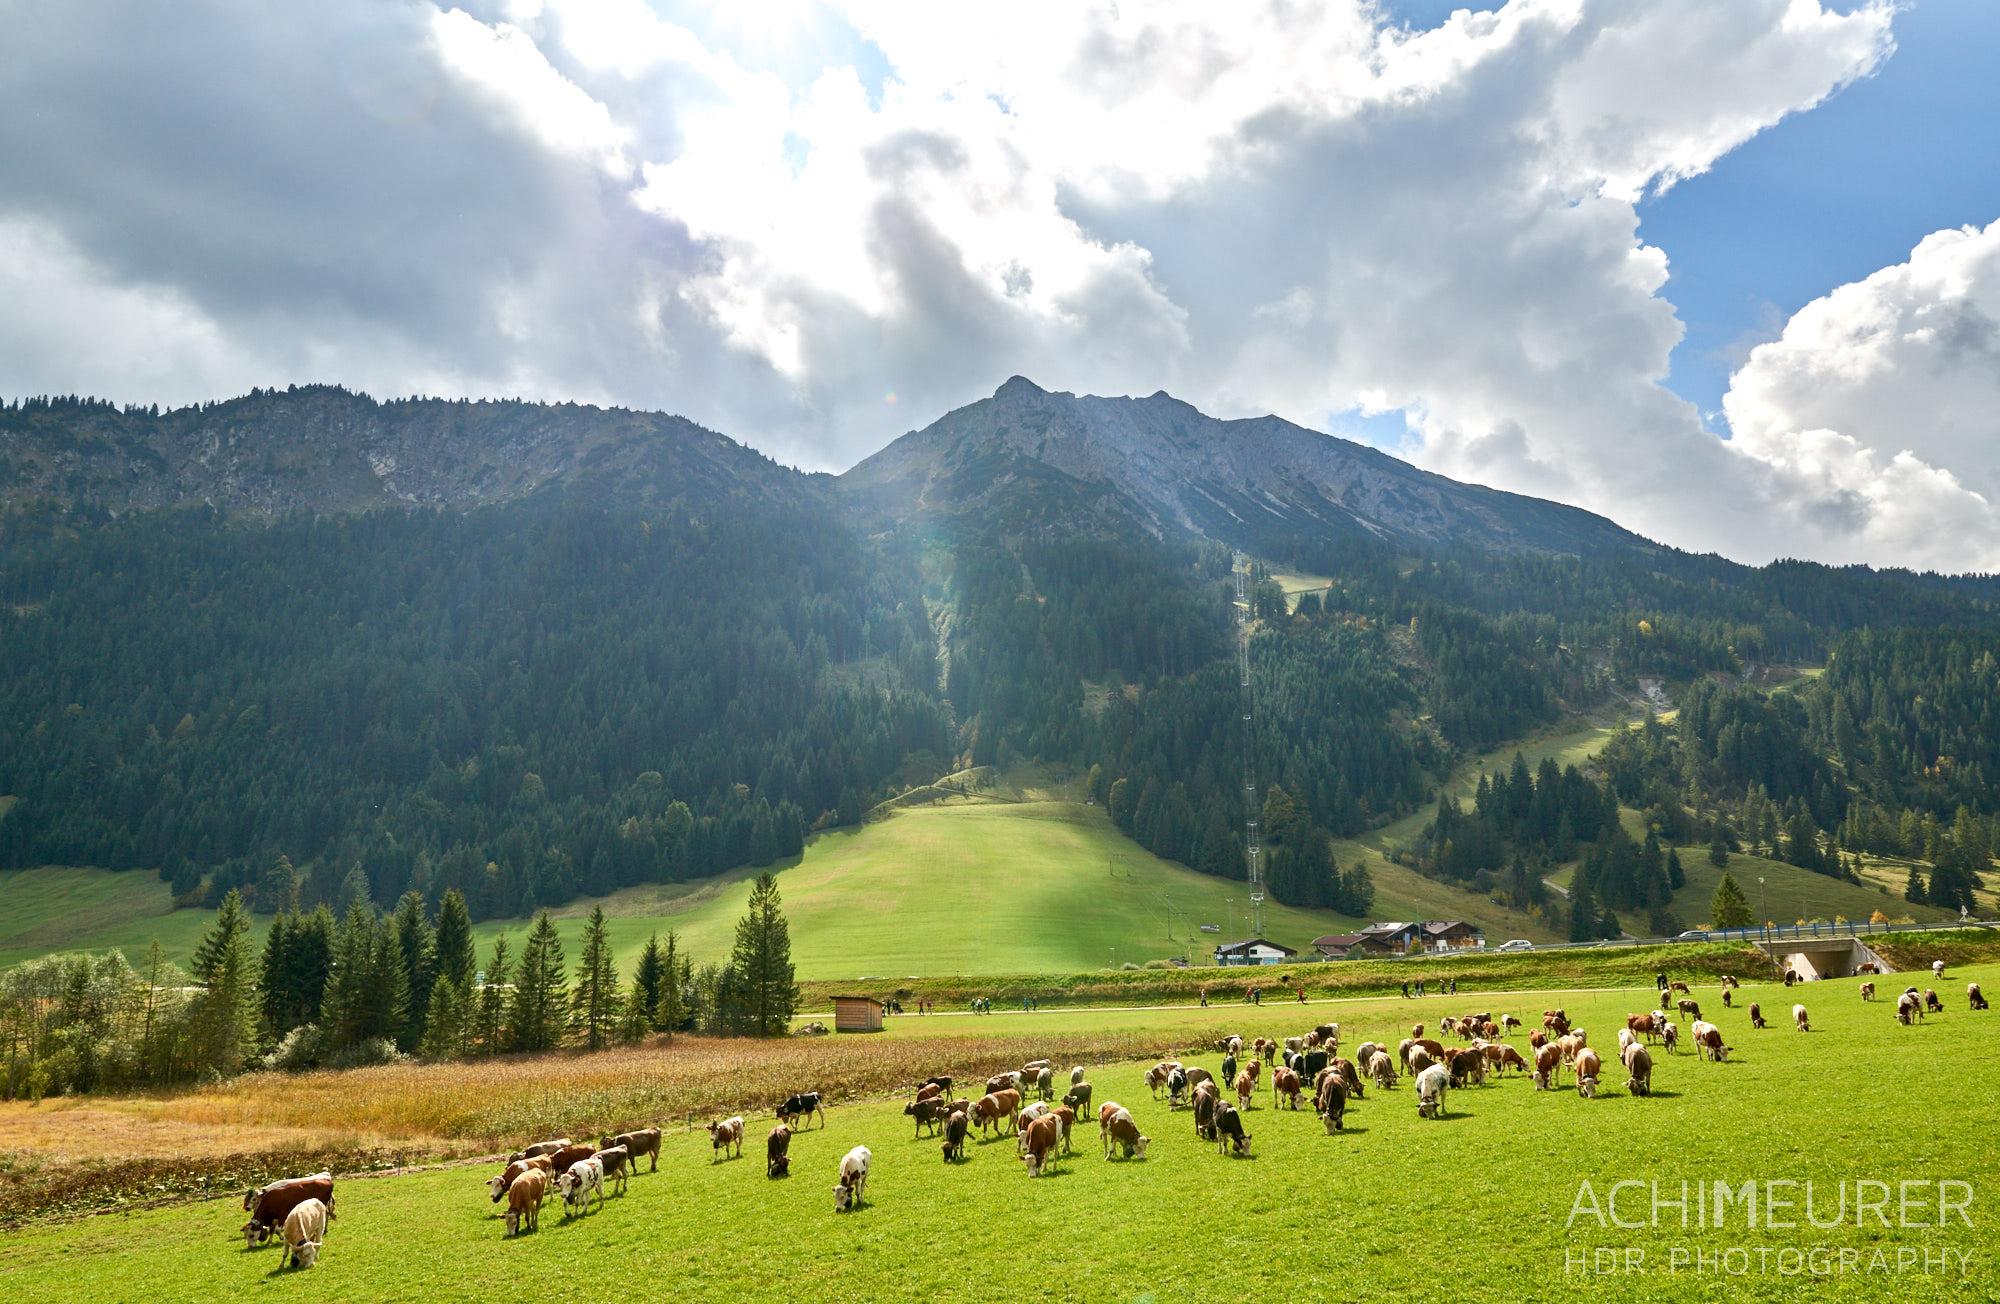 Almabtrieb in Nesselwängle, Tannheimertal, Tirol Österreich by AchimMeurer.com .